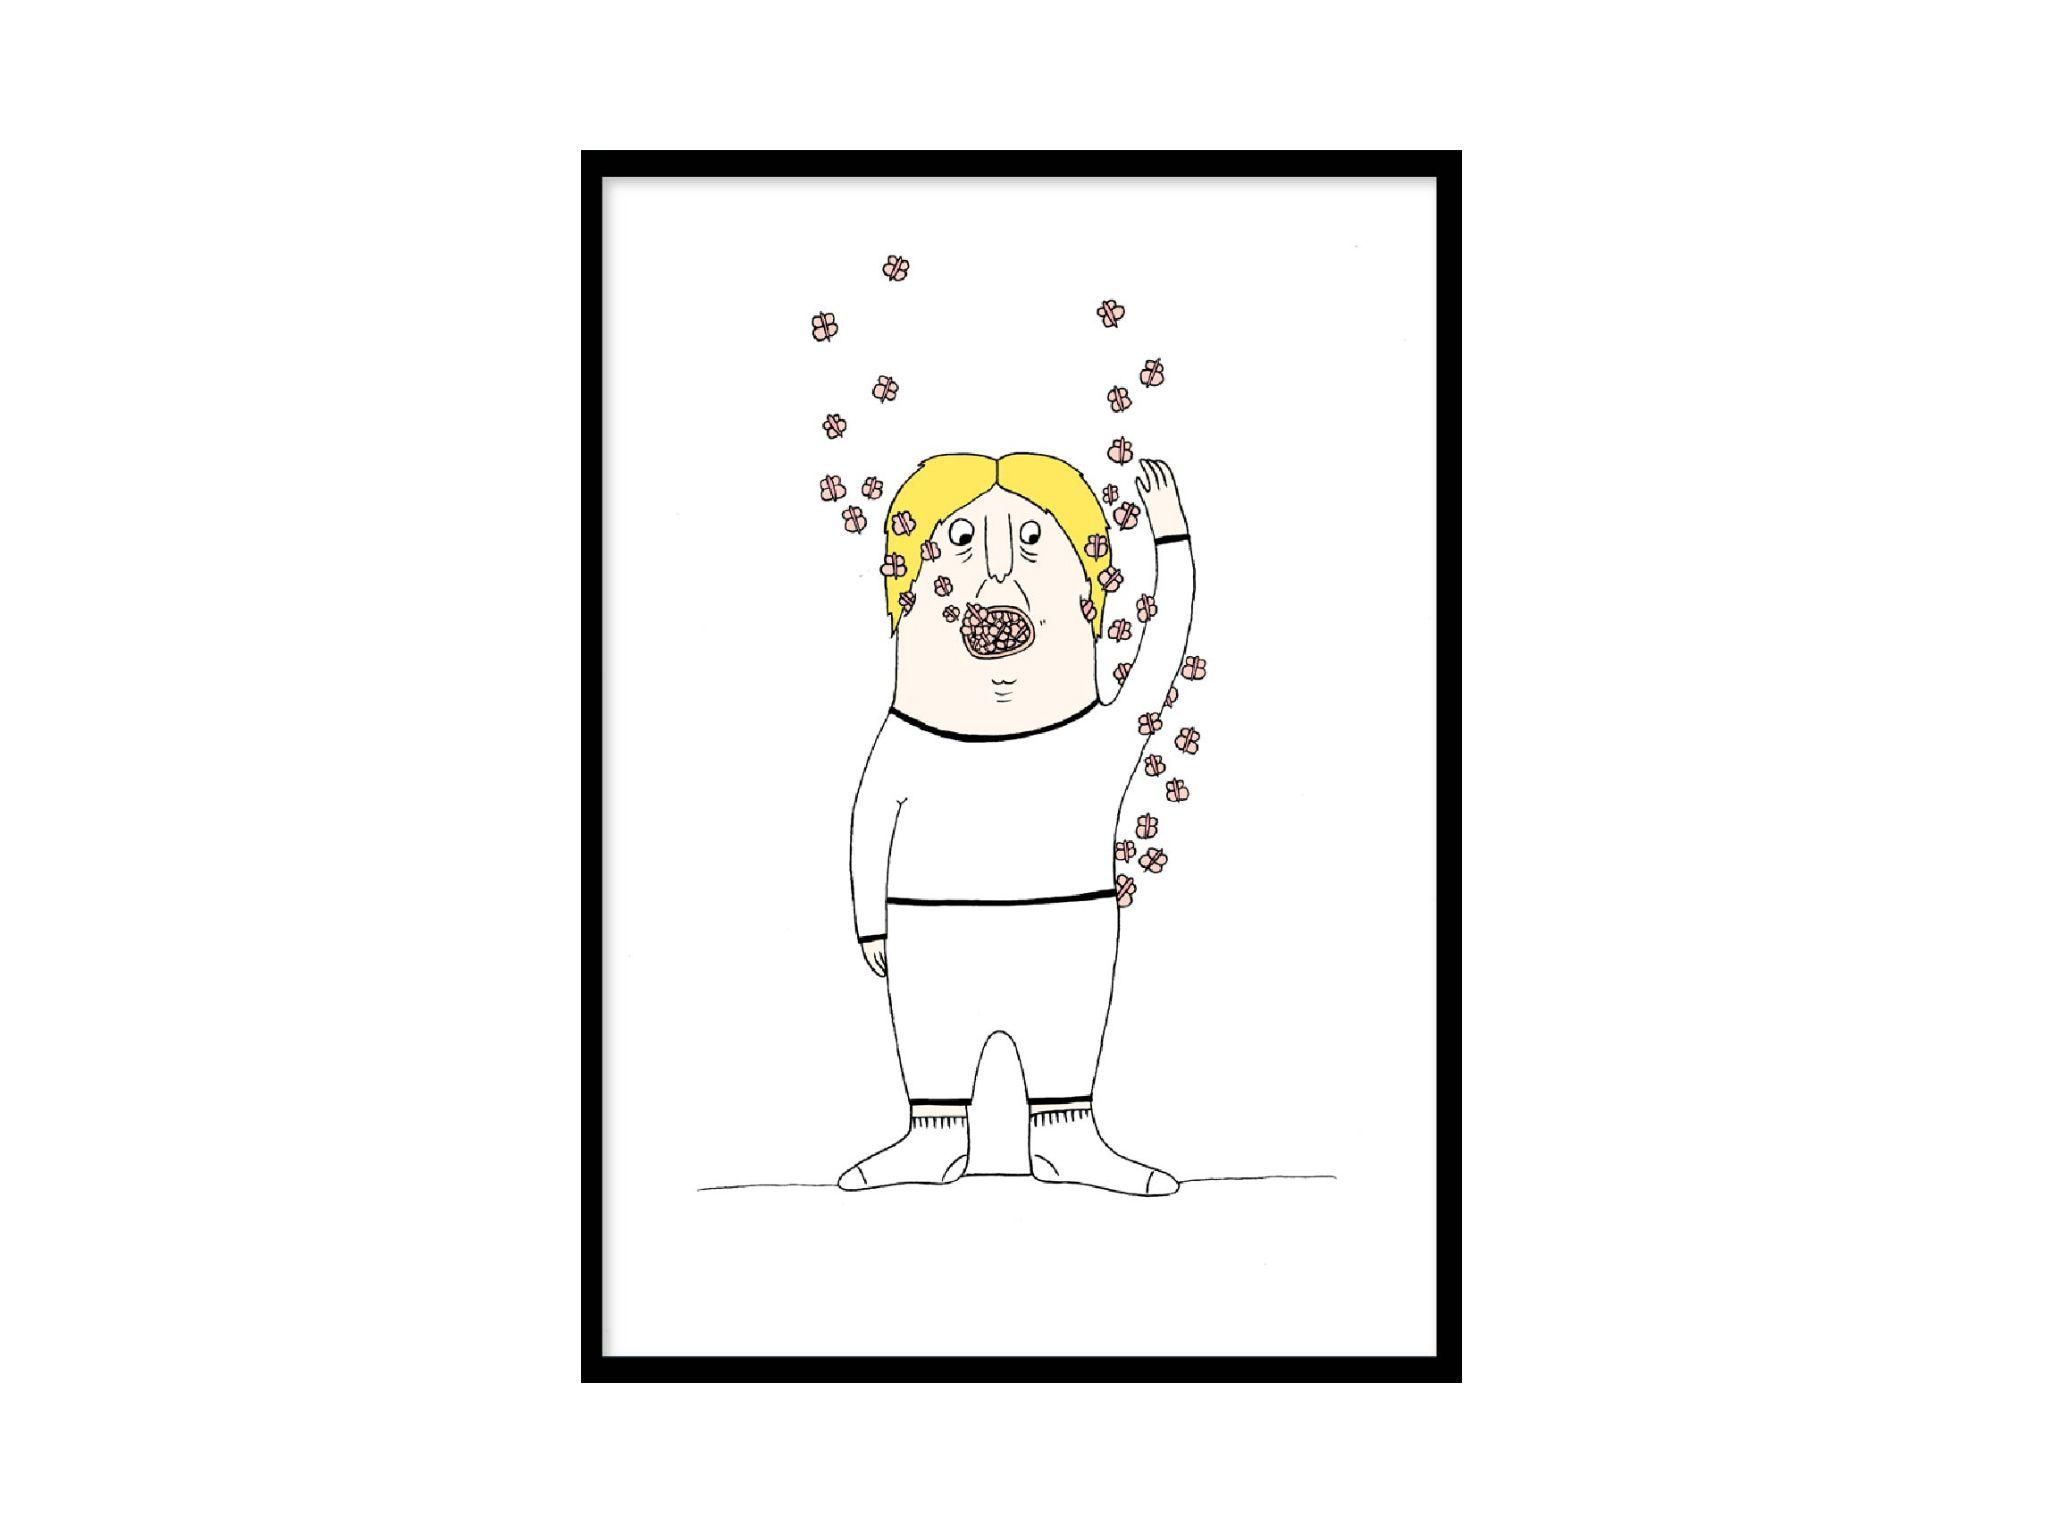 WHEN BEING IN LOVE - BUTTERFLIES by Bob & Friends